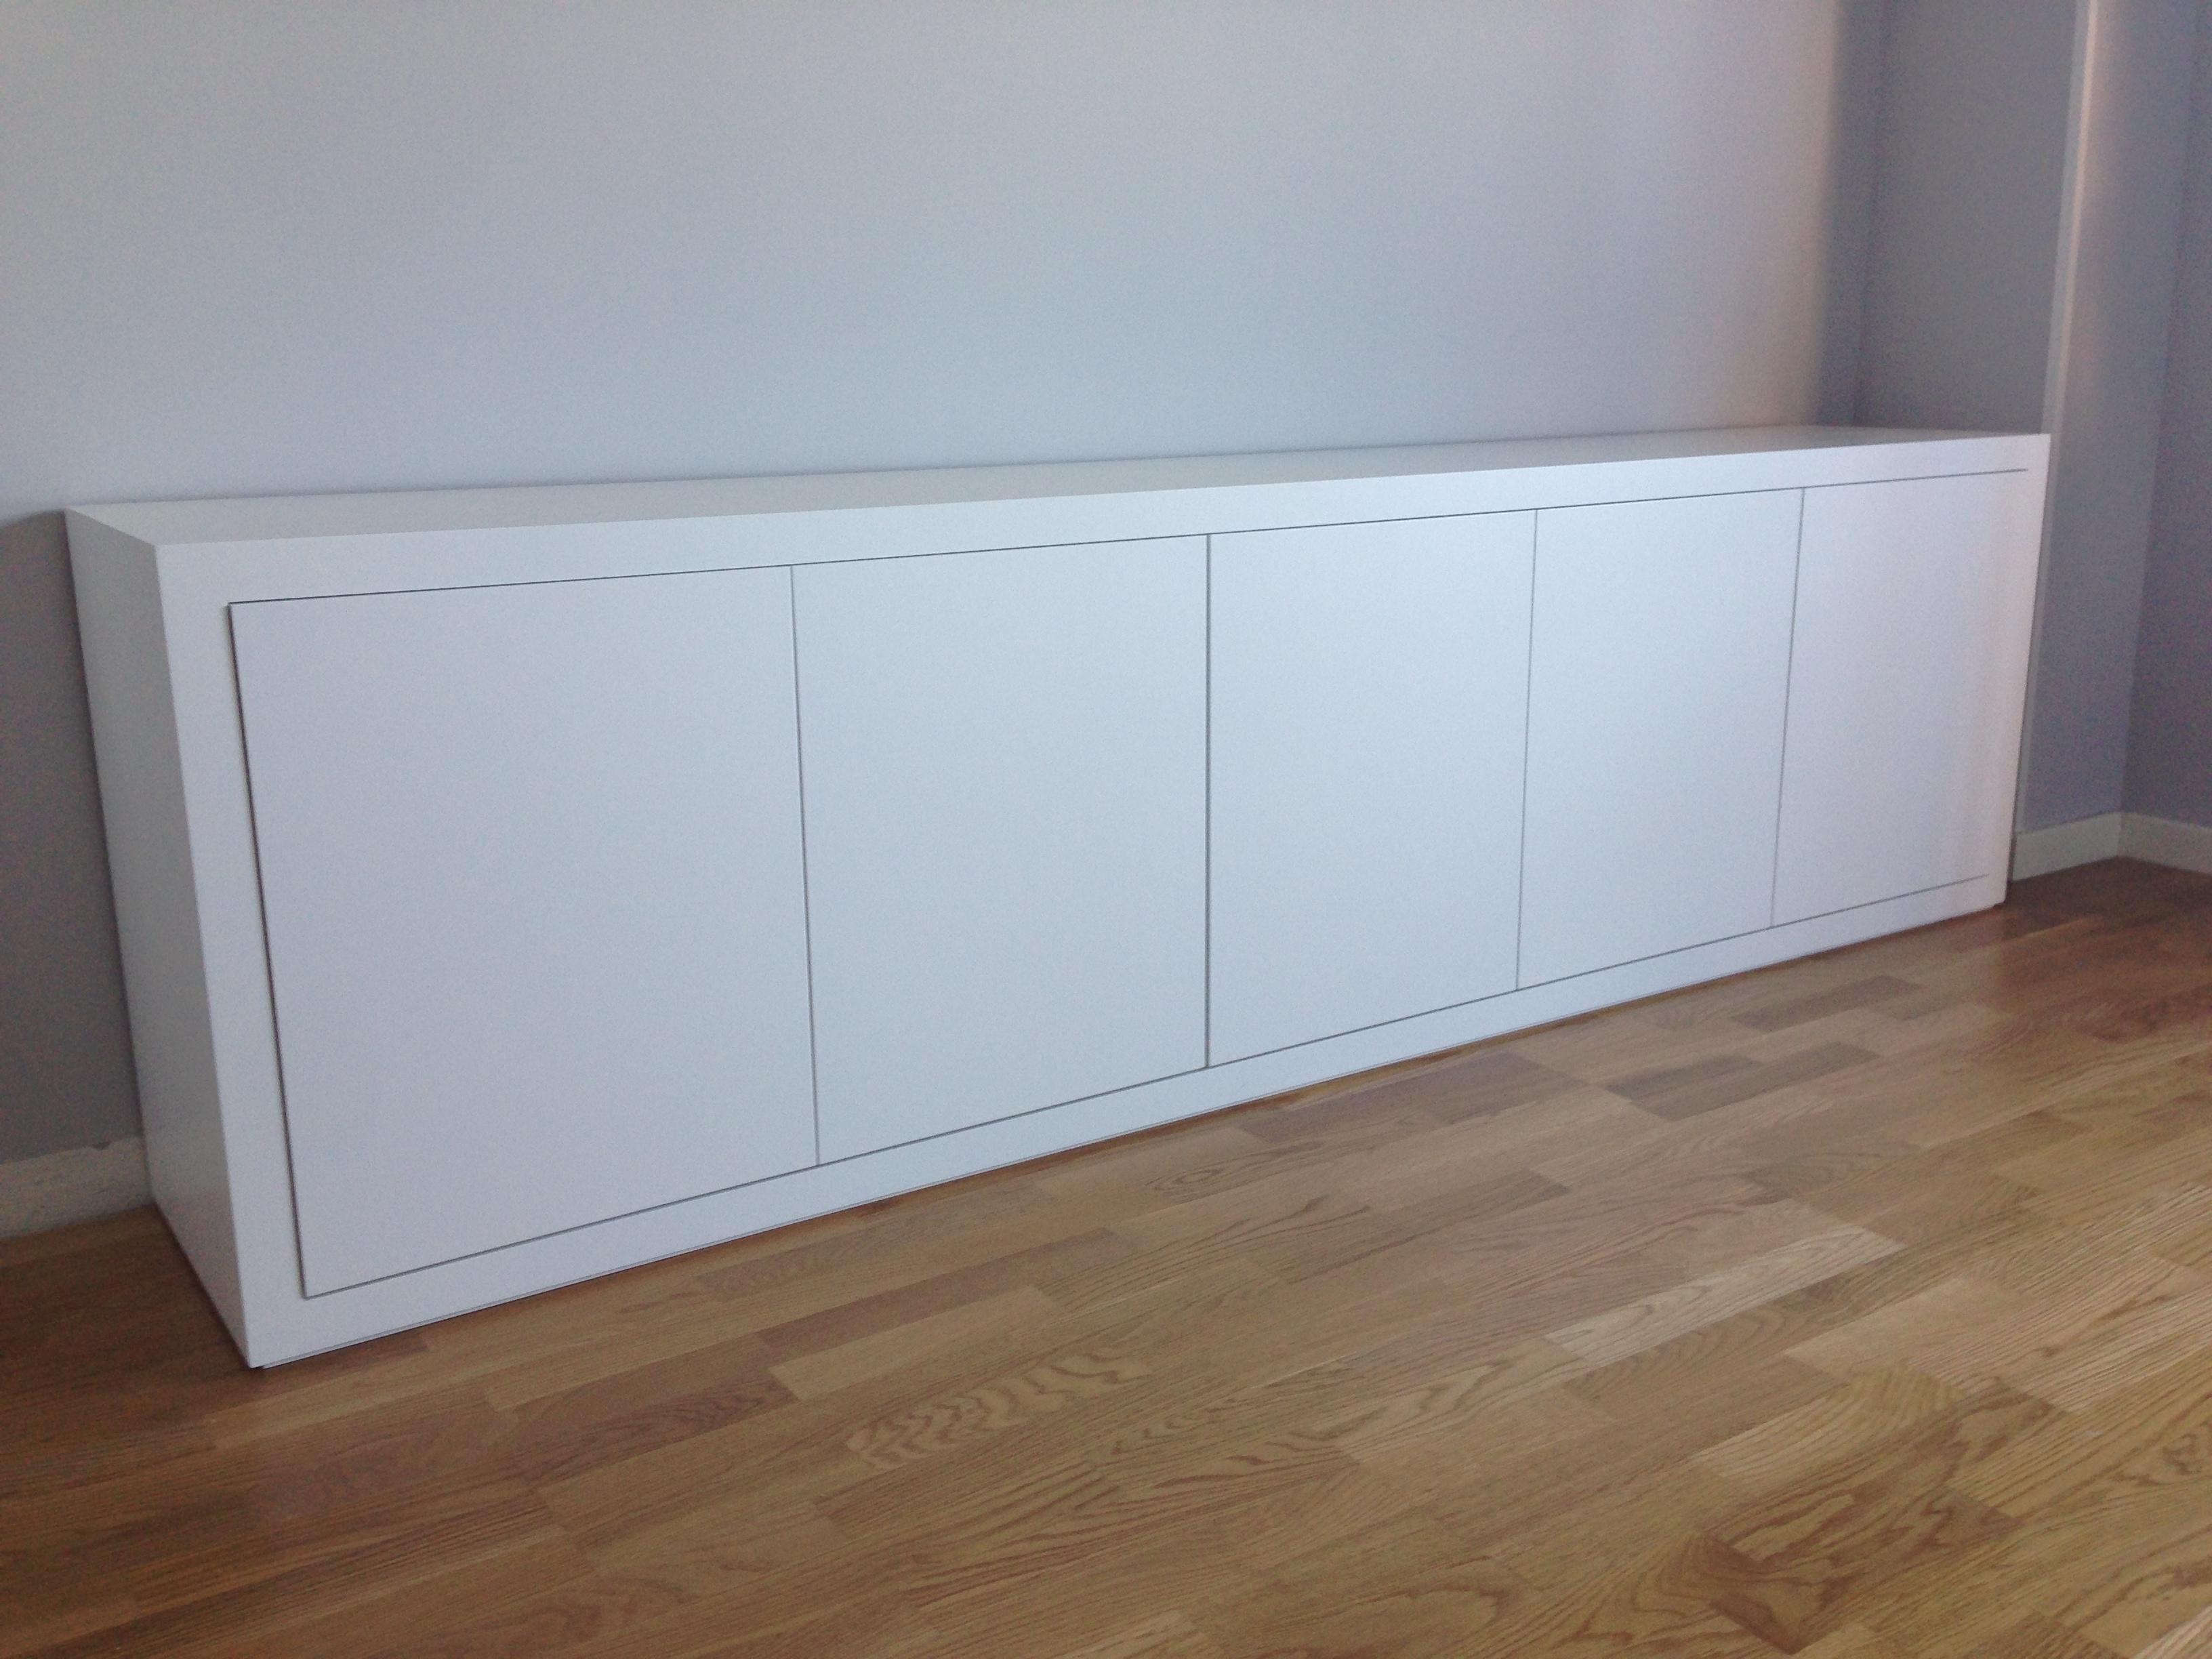 Cubre radiadores y muebles for Muebles para cubrir radiadores